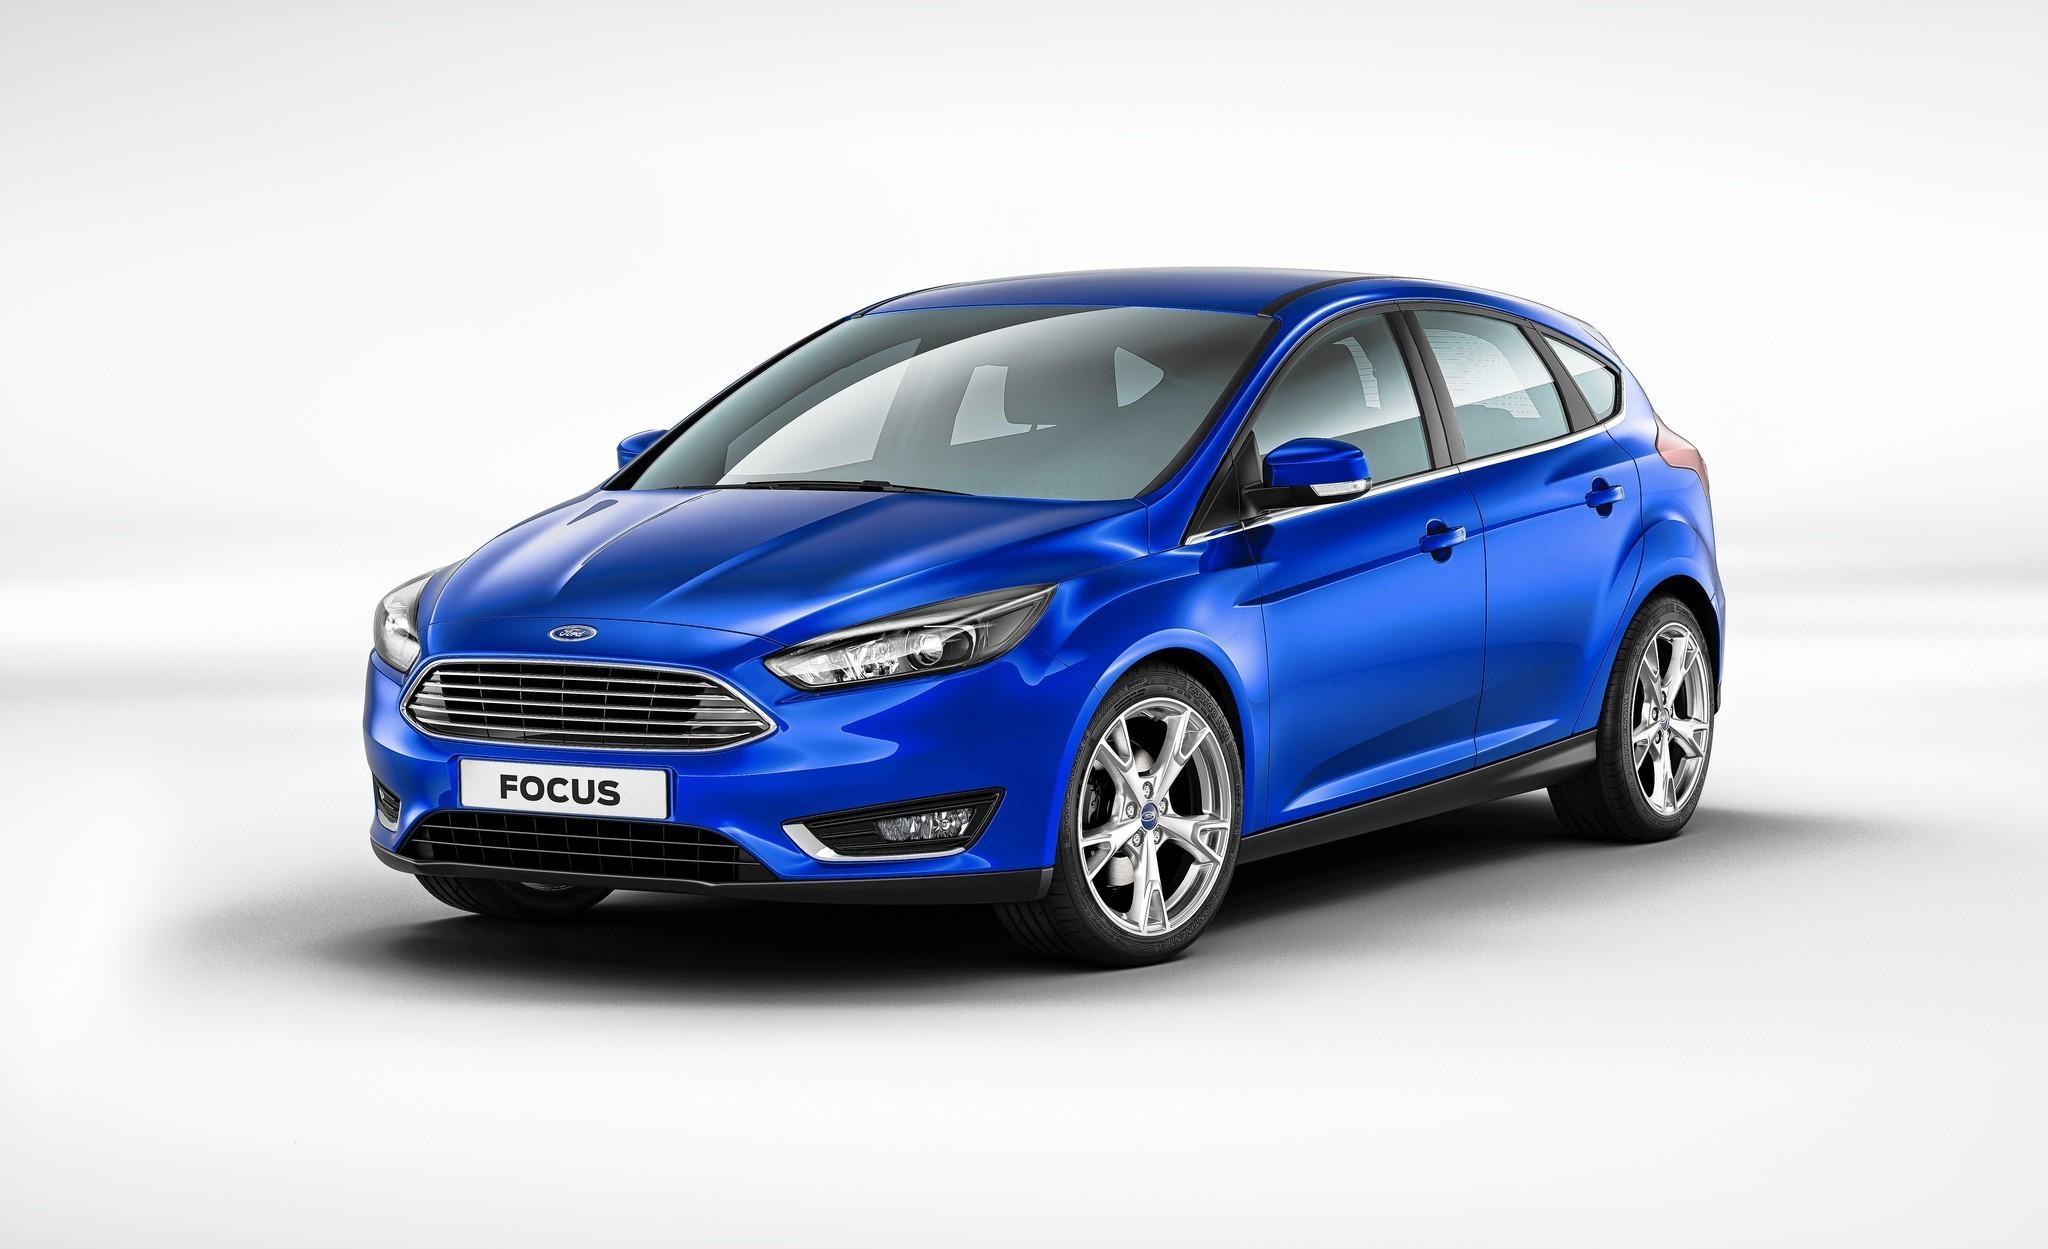 В Российской Федерации автомашины Ford подорожали кконцу весны на18-35 тыс. руб.